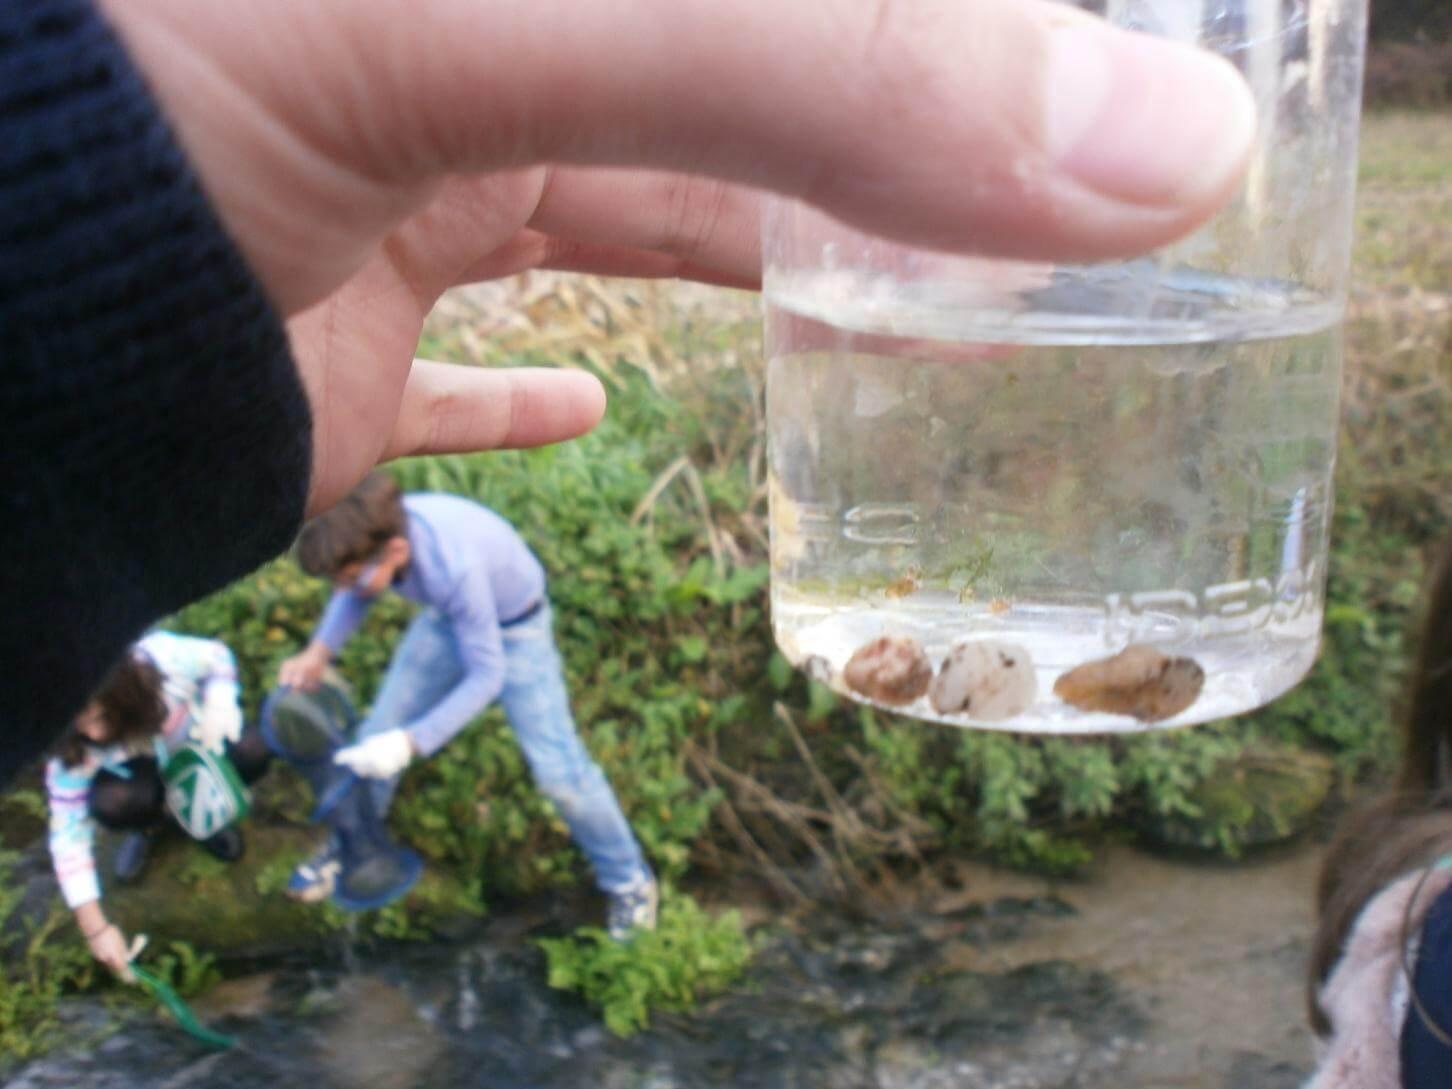 Foto 7 – Encontramos macroinvertebrados como minhocas de água e caracóis.